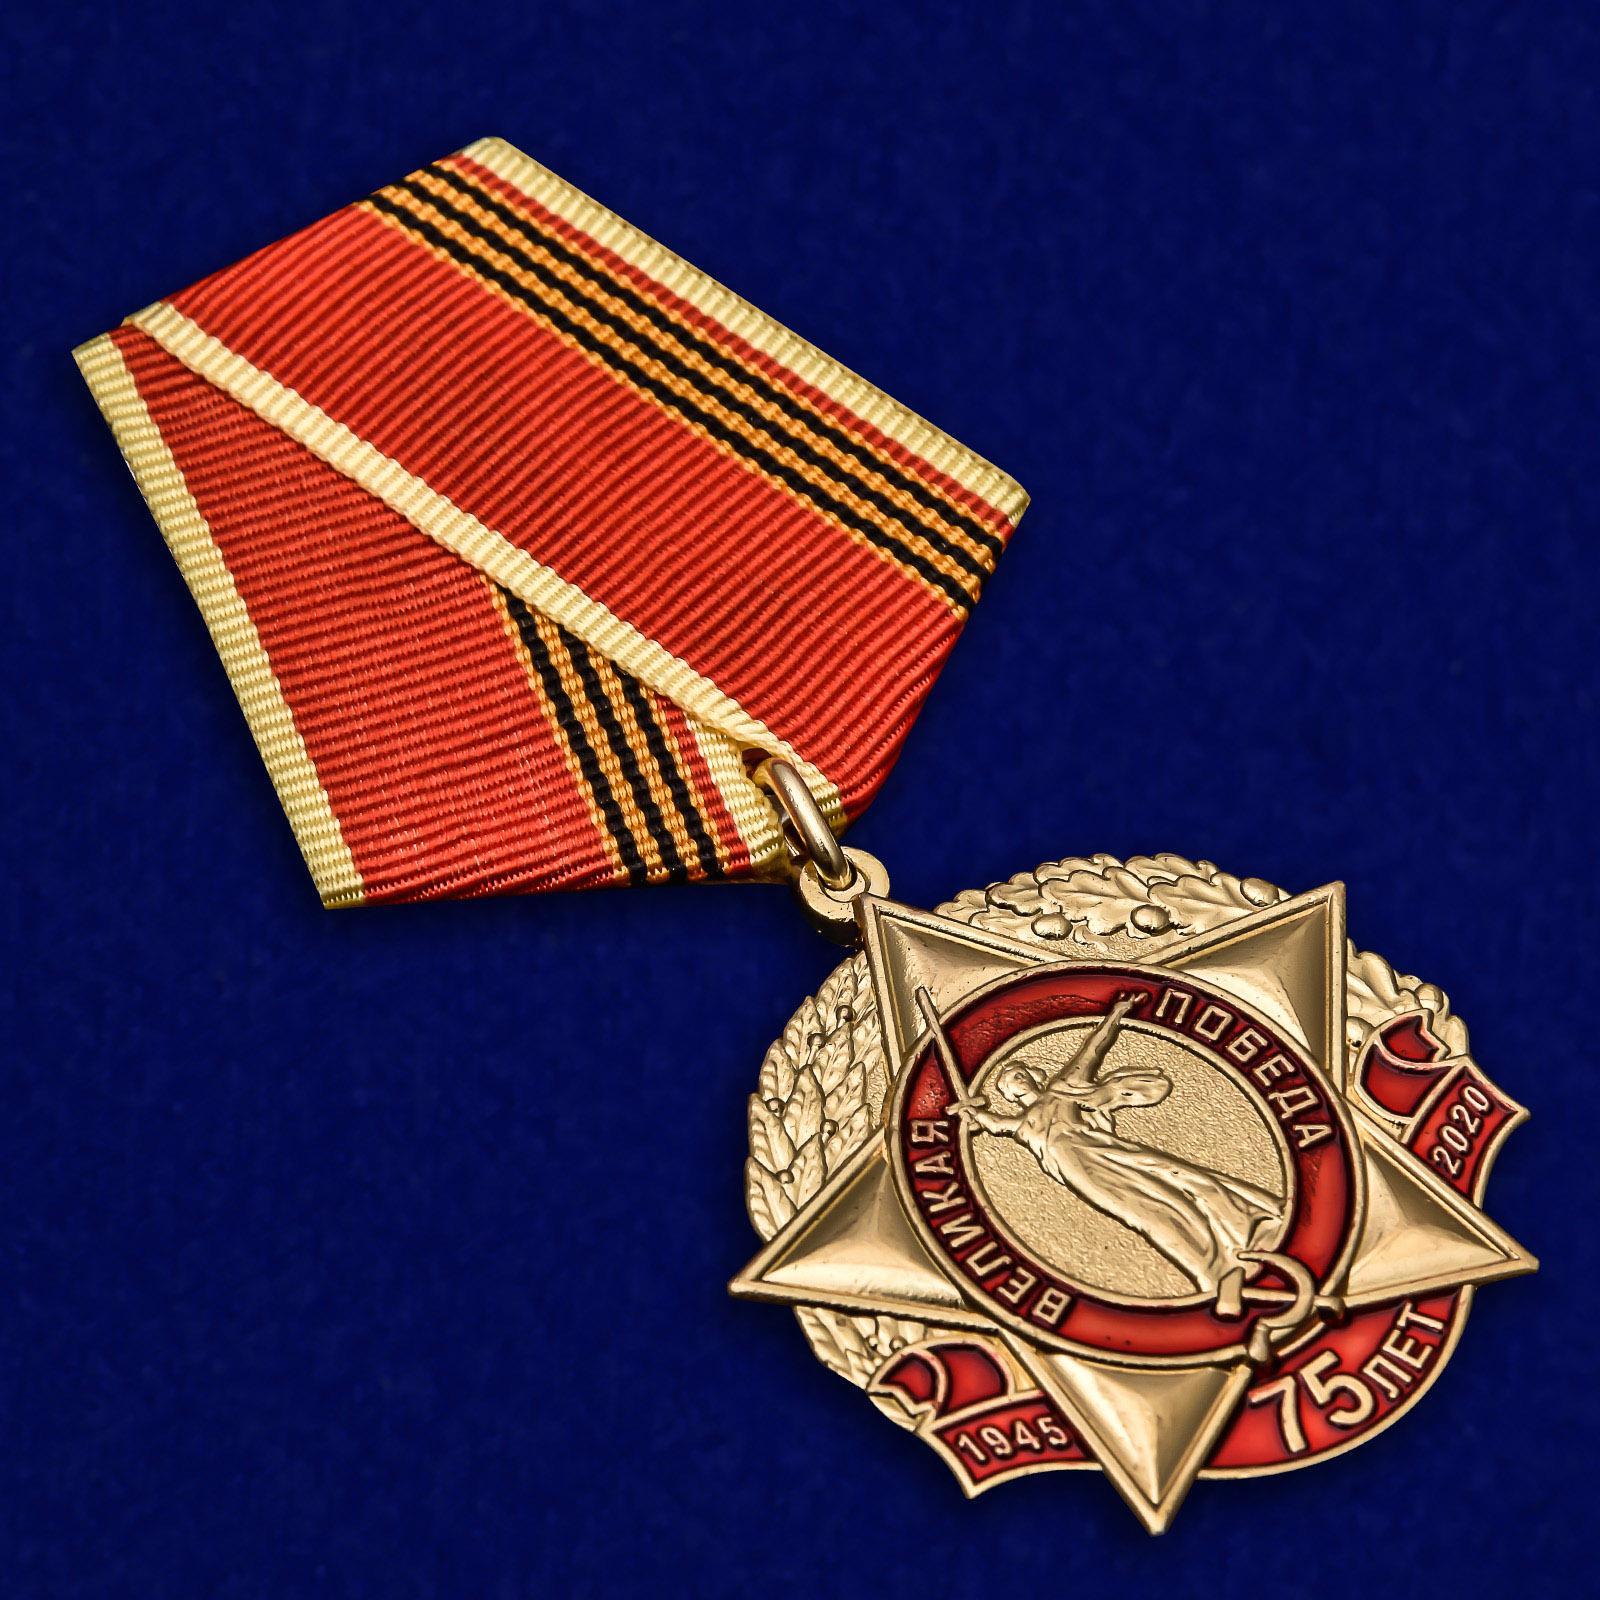 """Купить медаль """"75 лет Великой Победы"""" КПРФ"""